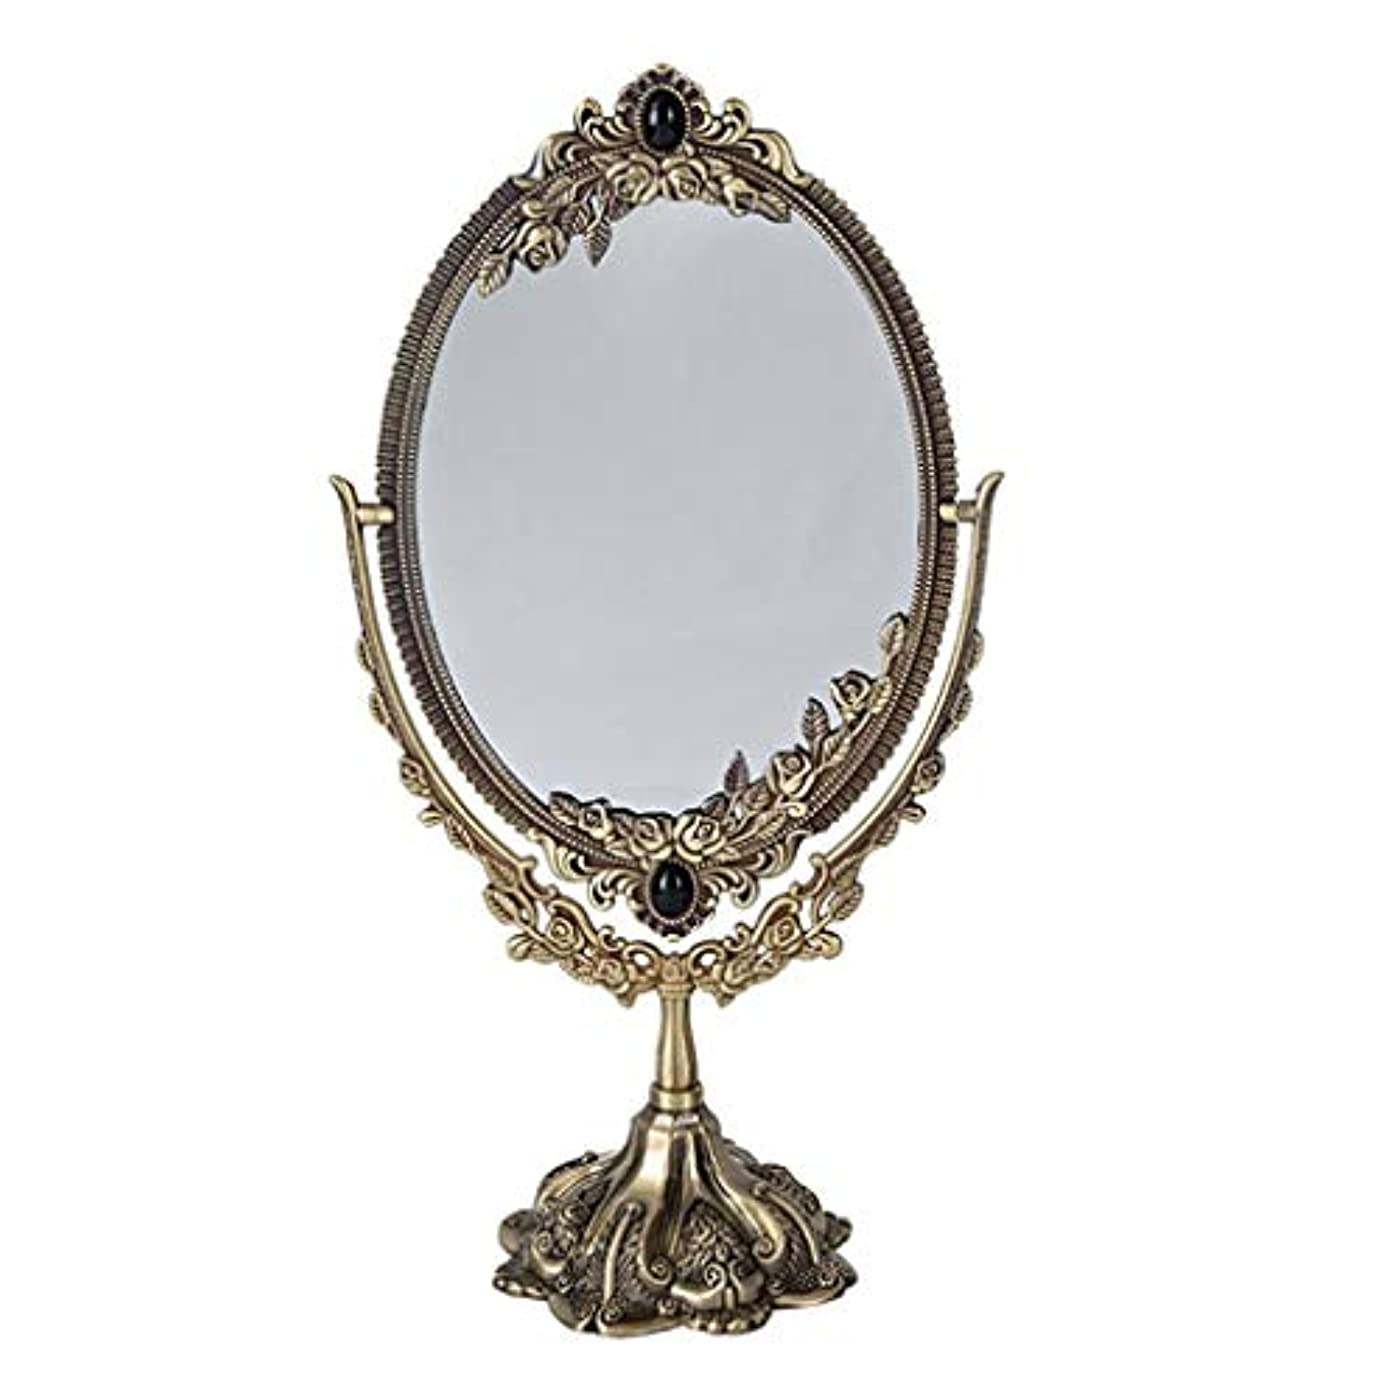 粘土犯人配列Selm 化粧鏡オーバル、hdシルバーミラー化粧鏡360度回転バニティミラー寝室用オーバルヴィンテージスタイル (Color : Bronze)